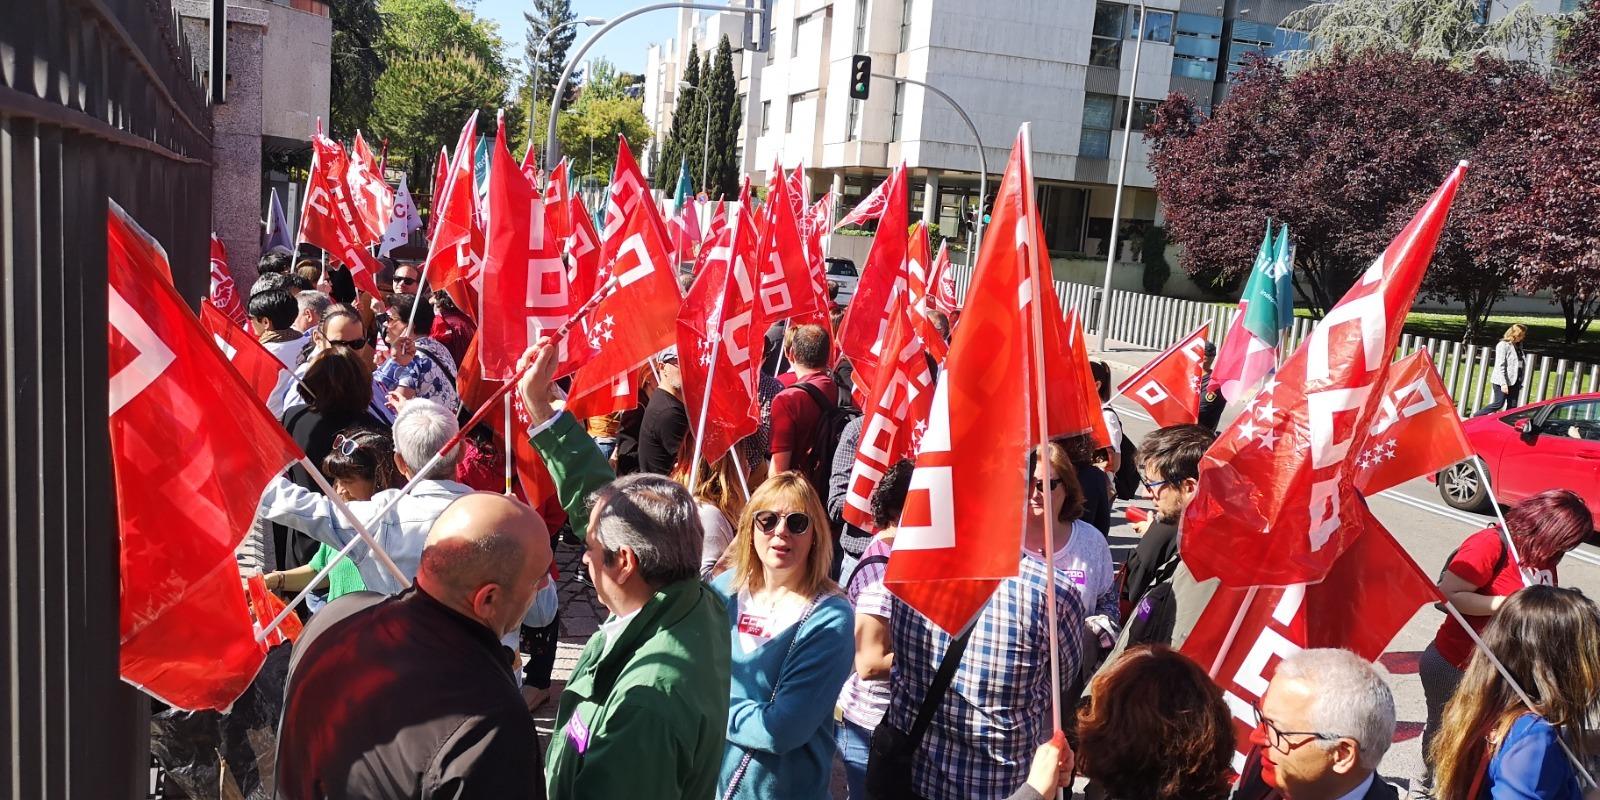 Banderas_concentracion